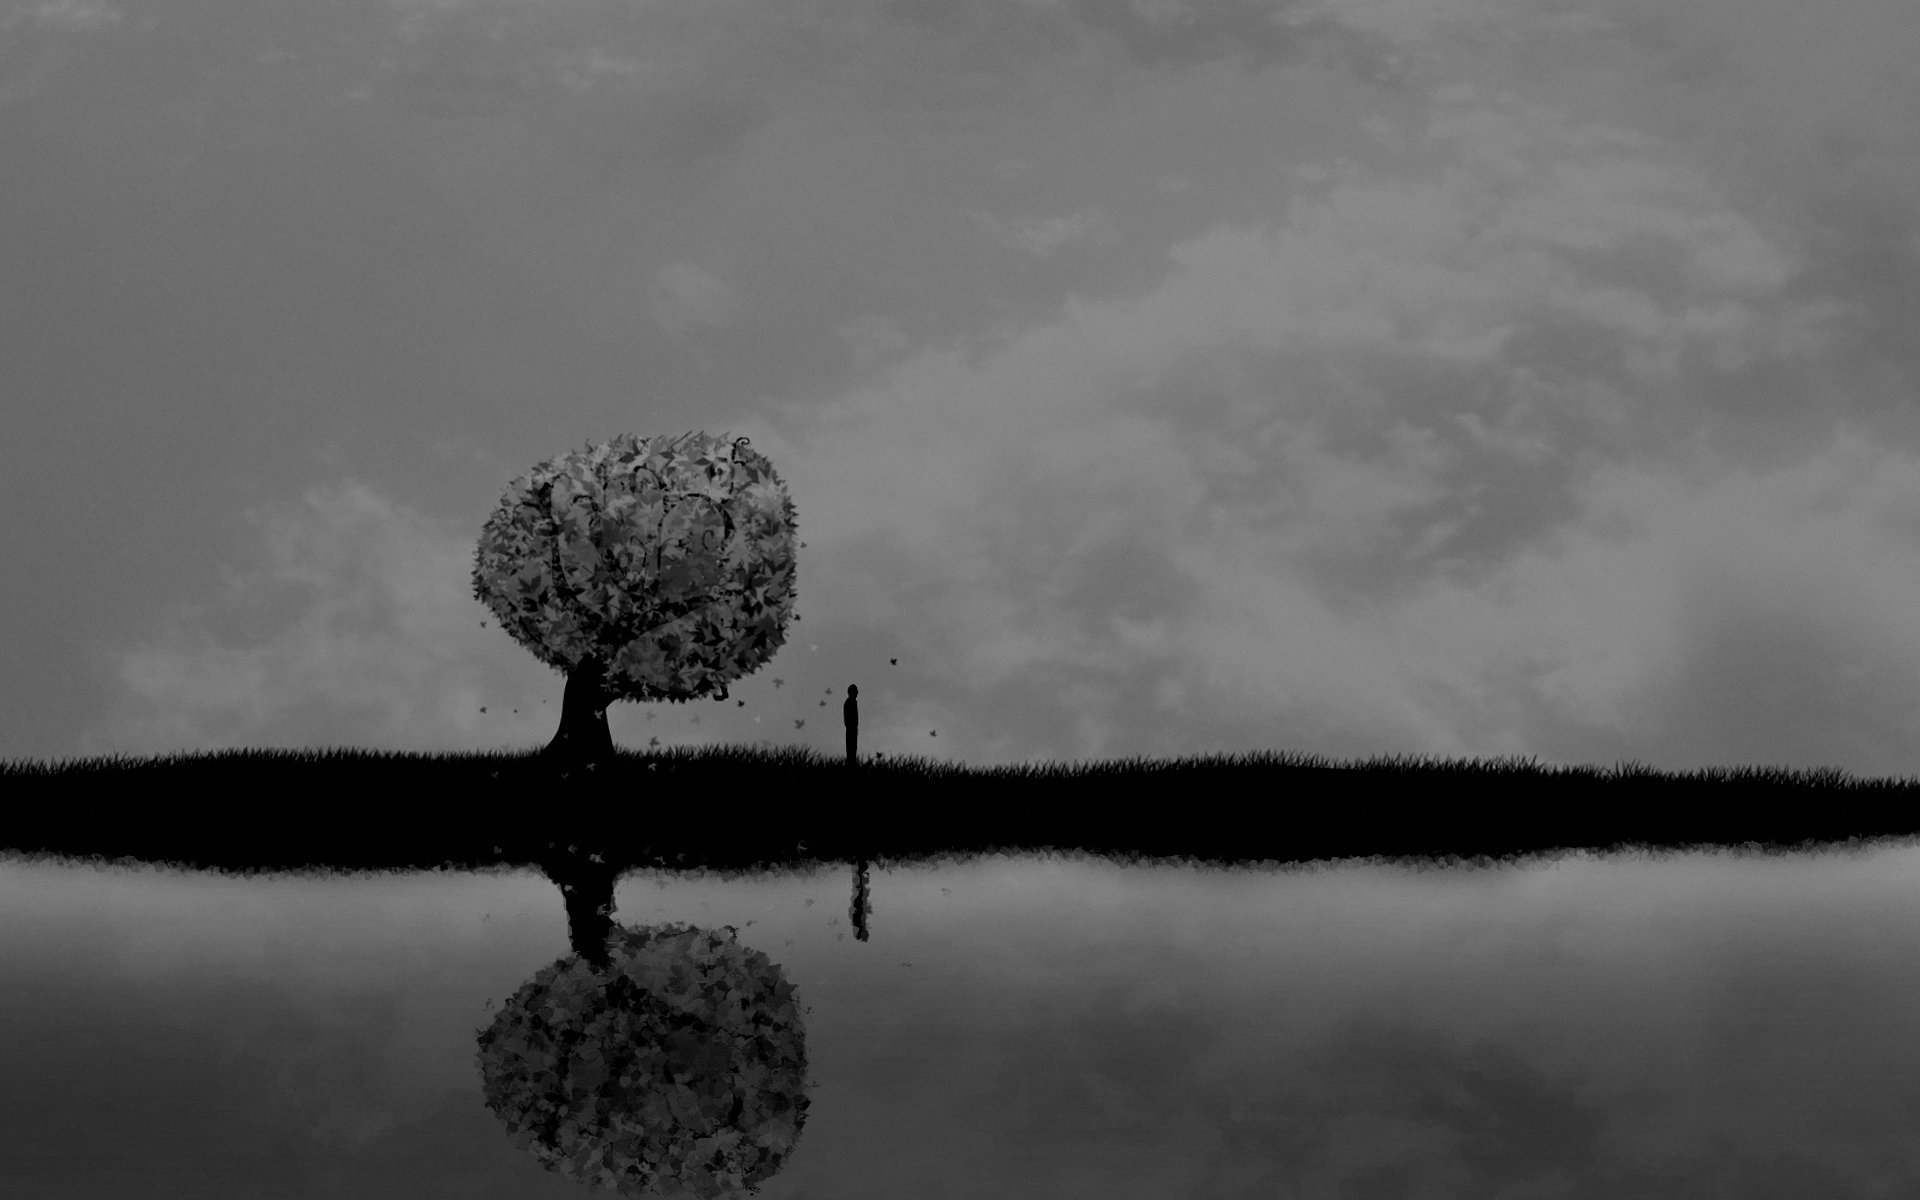 Dark Horror Mood Alone Sad Sorrow Vector Art Lakes